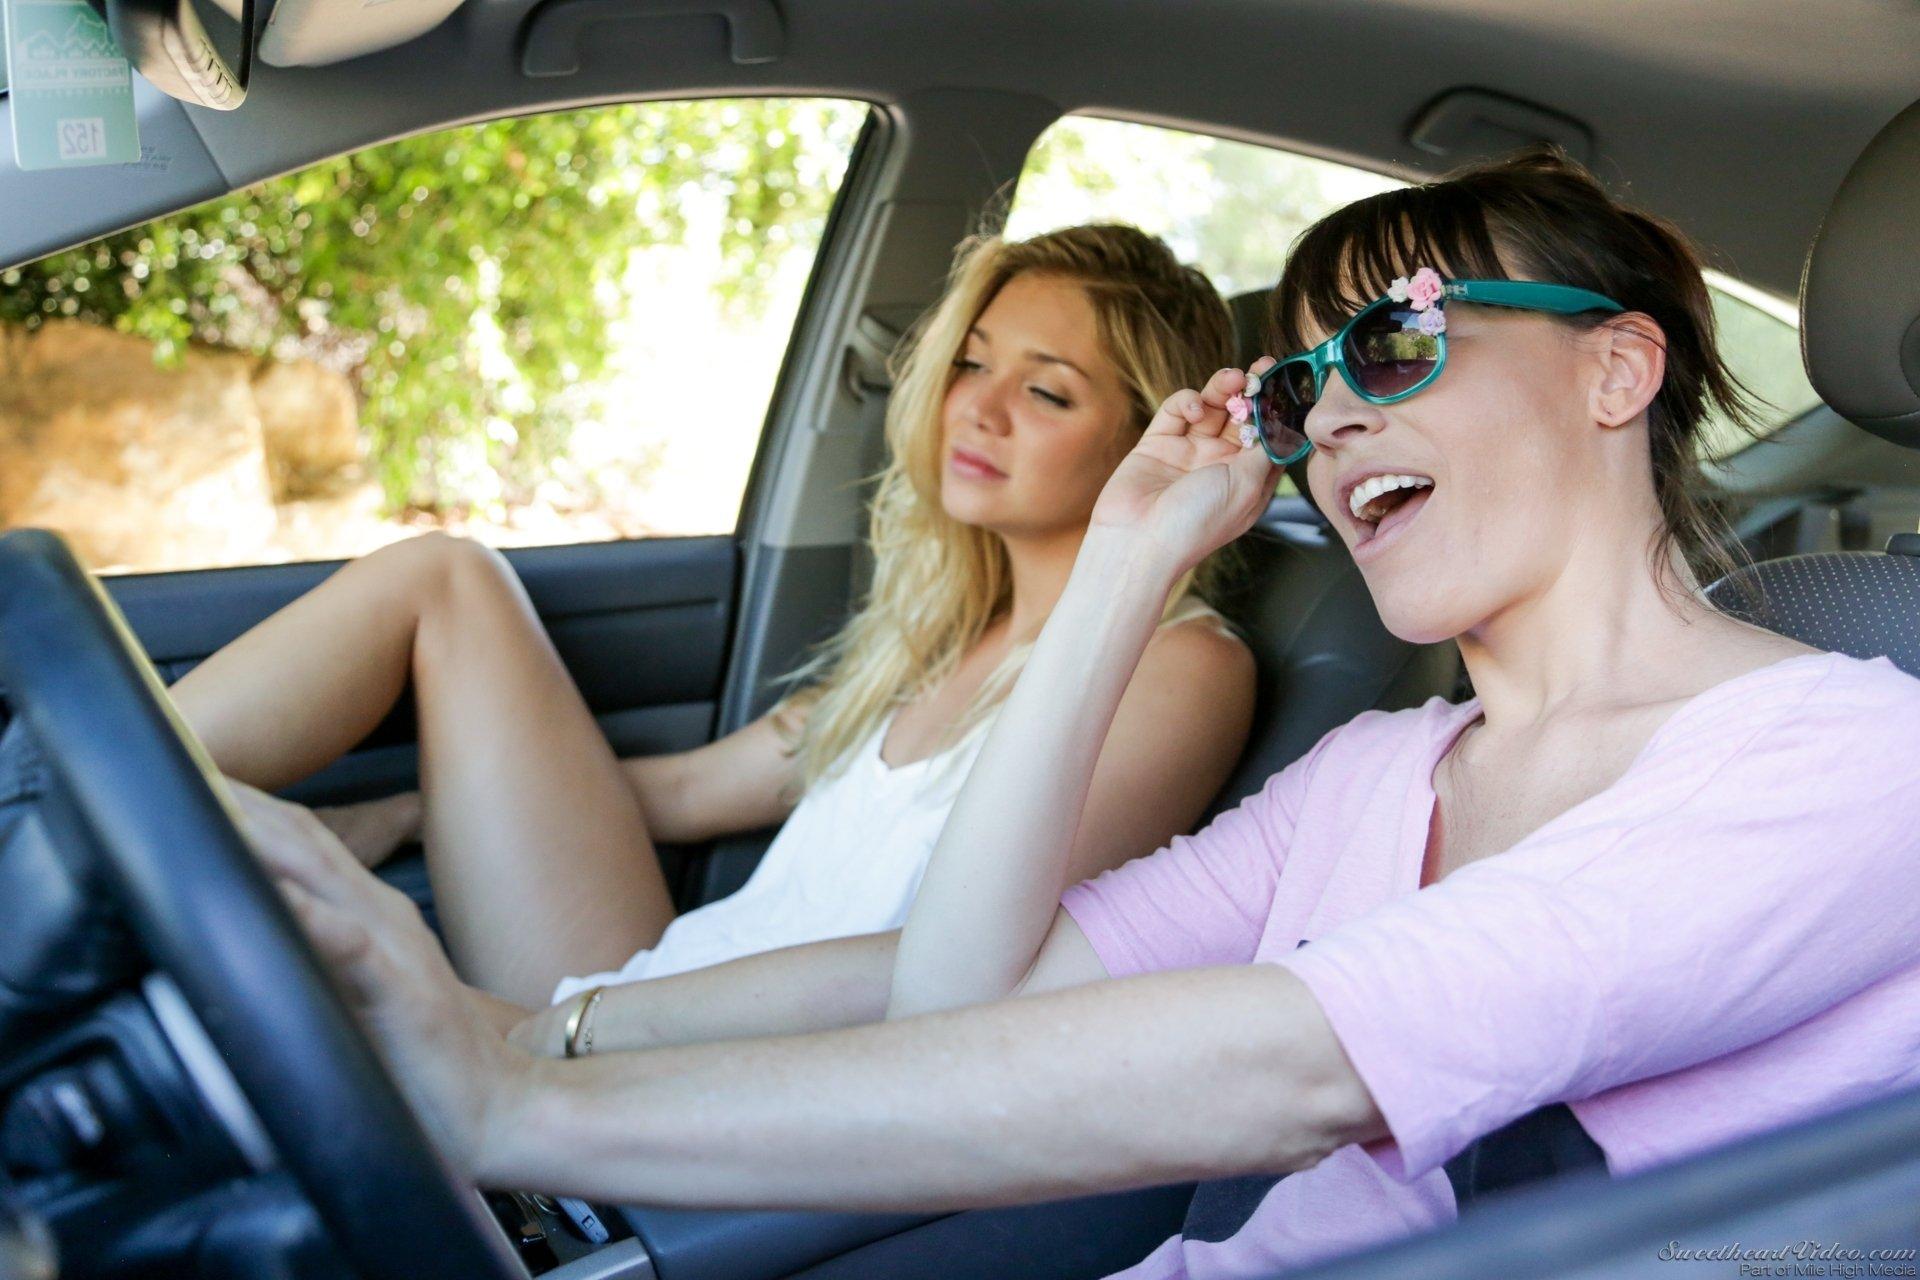 Возле автомобиля сладострастные милашки занялись лесбийскими ласками